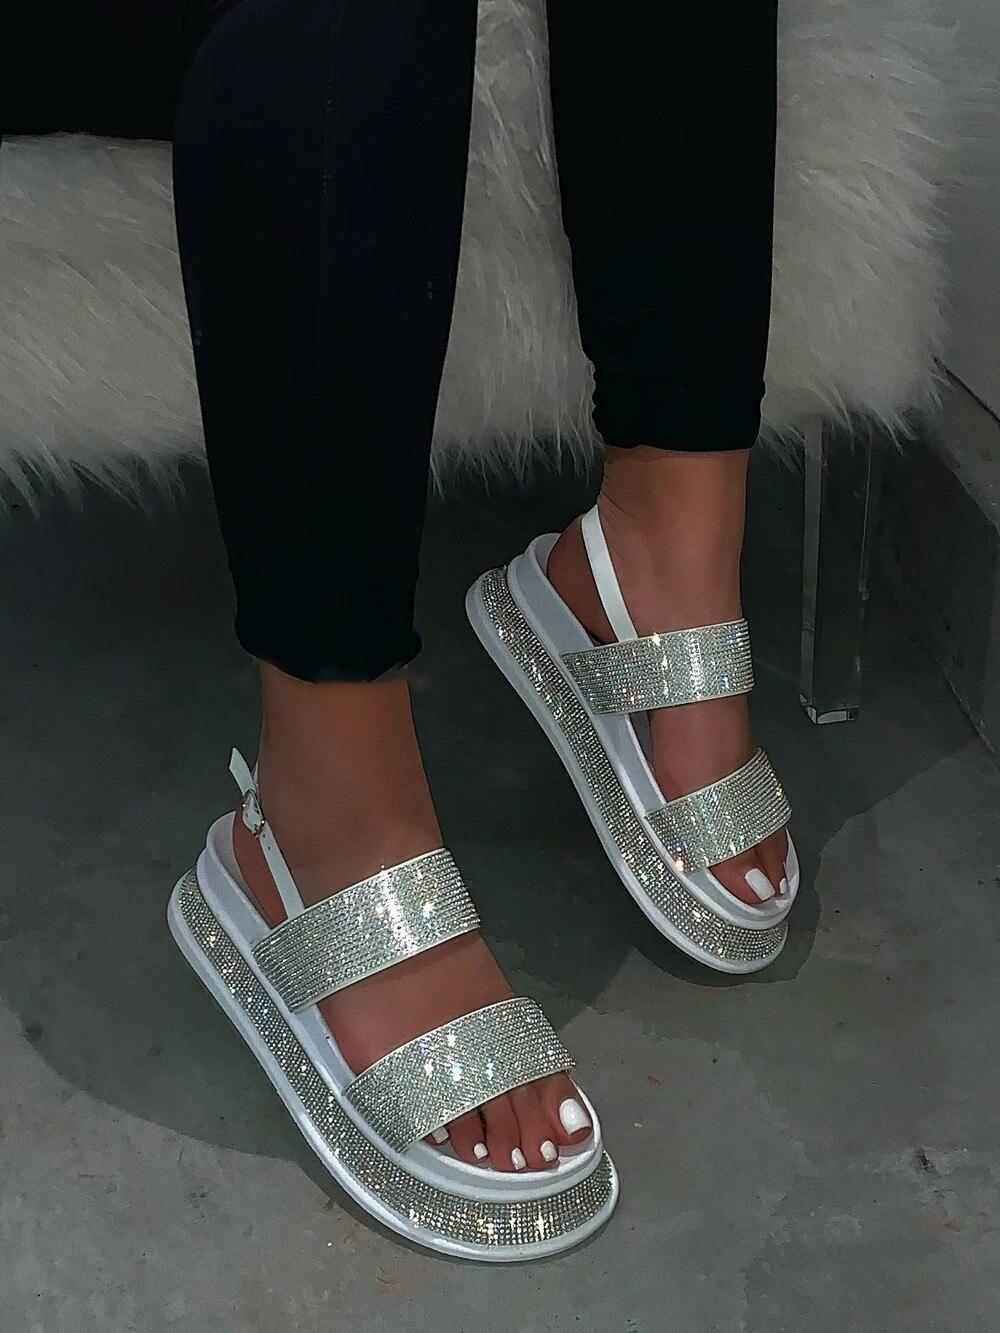 Vertvie/летние пляжные шикарные женские сандалии в римском стиле с кристаллами; Женские босоножки на танкетке со стразами и вырезами; Женская о...